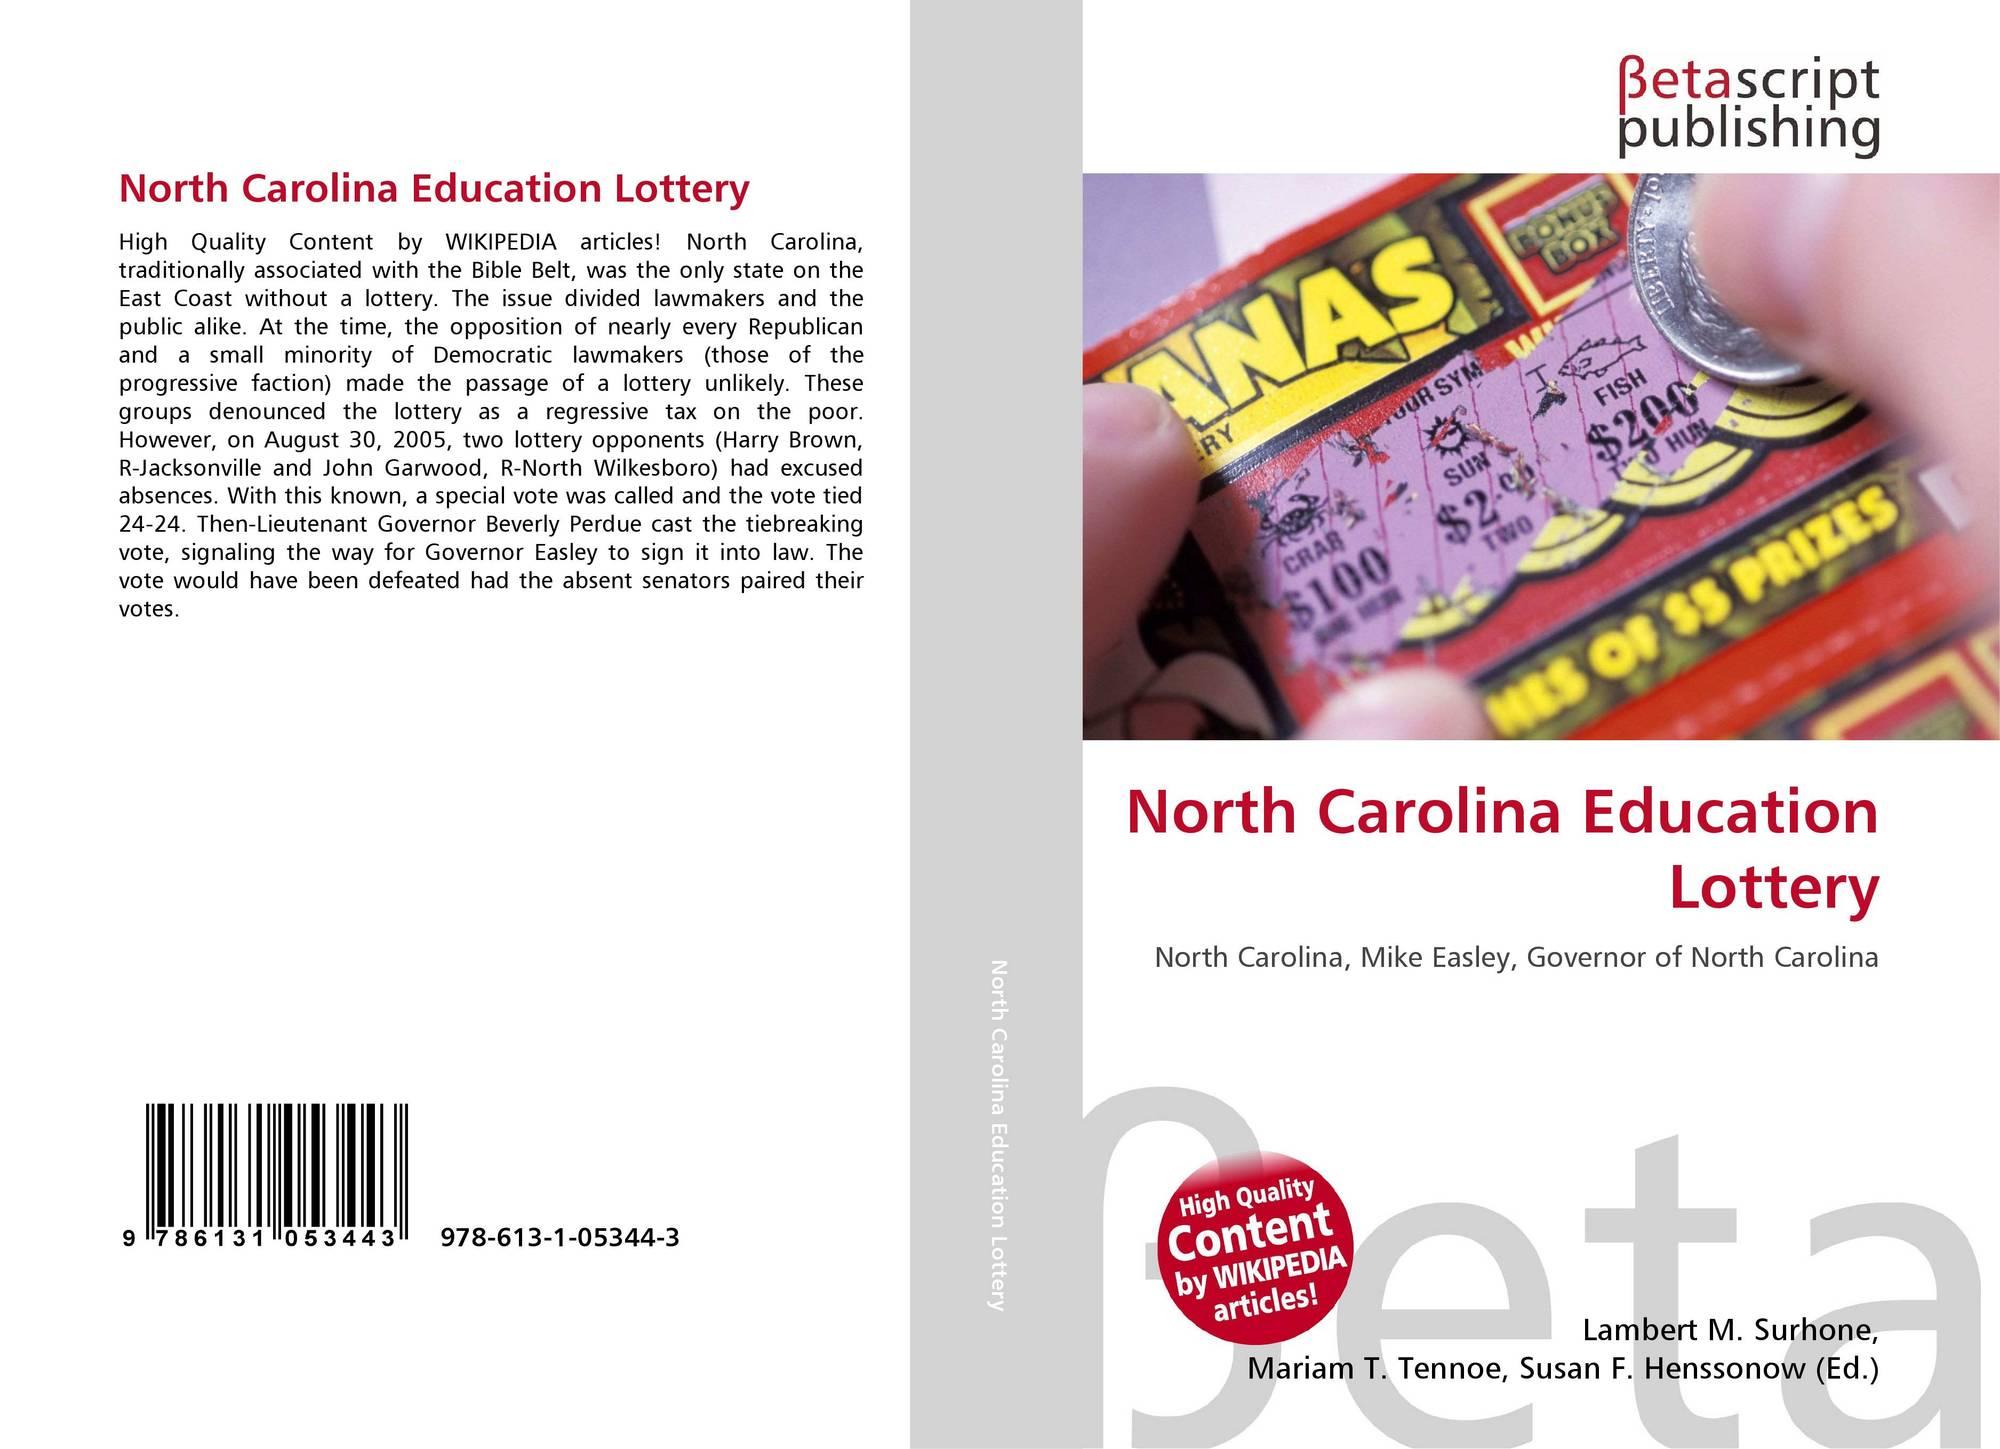 North Carolina Education Lottery, 978-613-1-05344-3